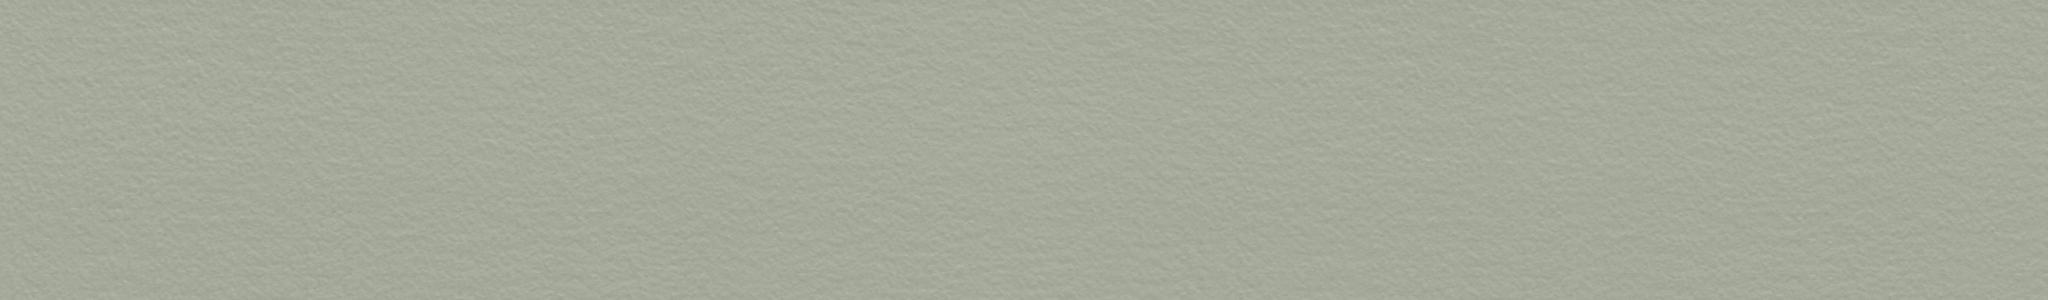 HU 18001 кромка ABS коричневая жемчуг тонкая структура 107